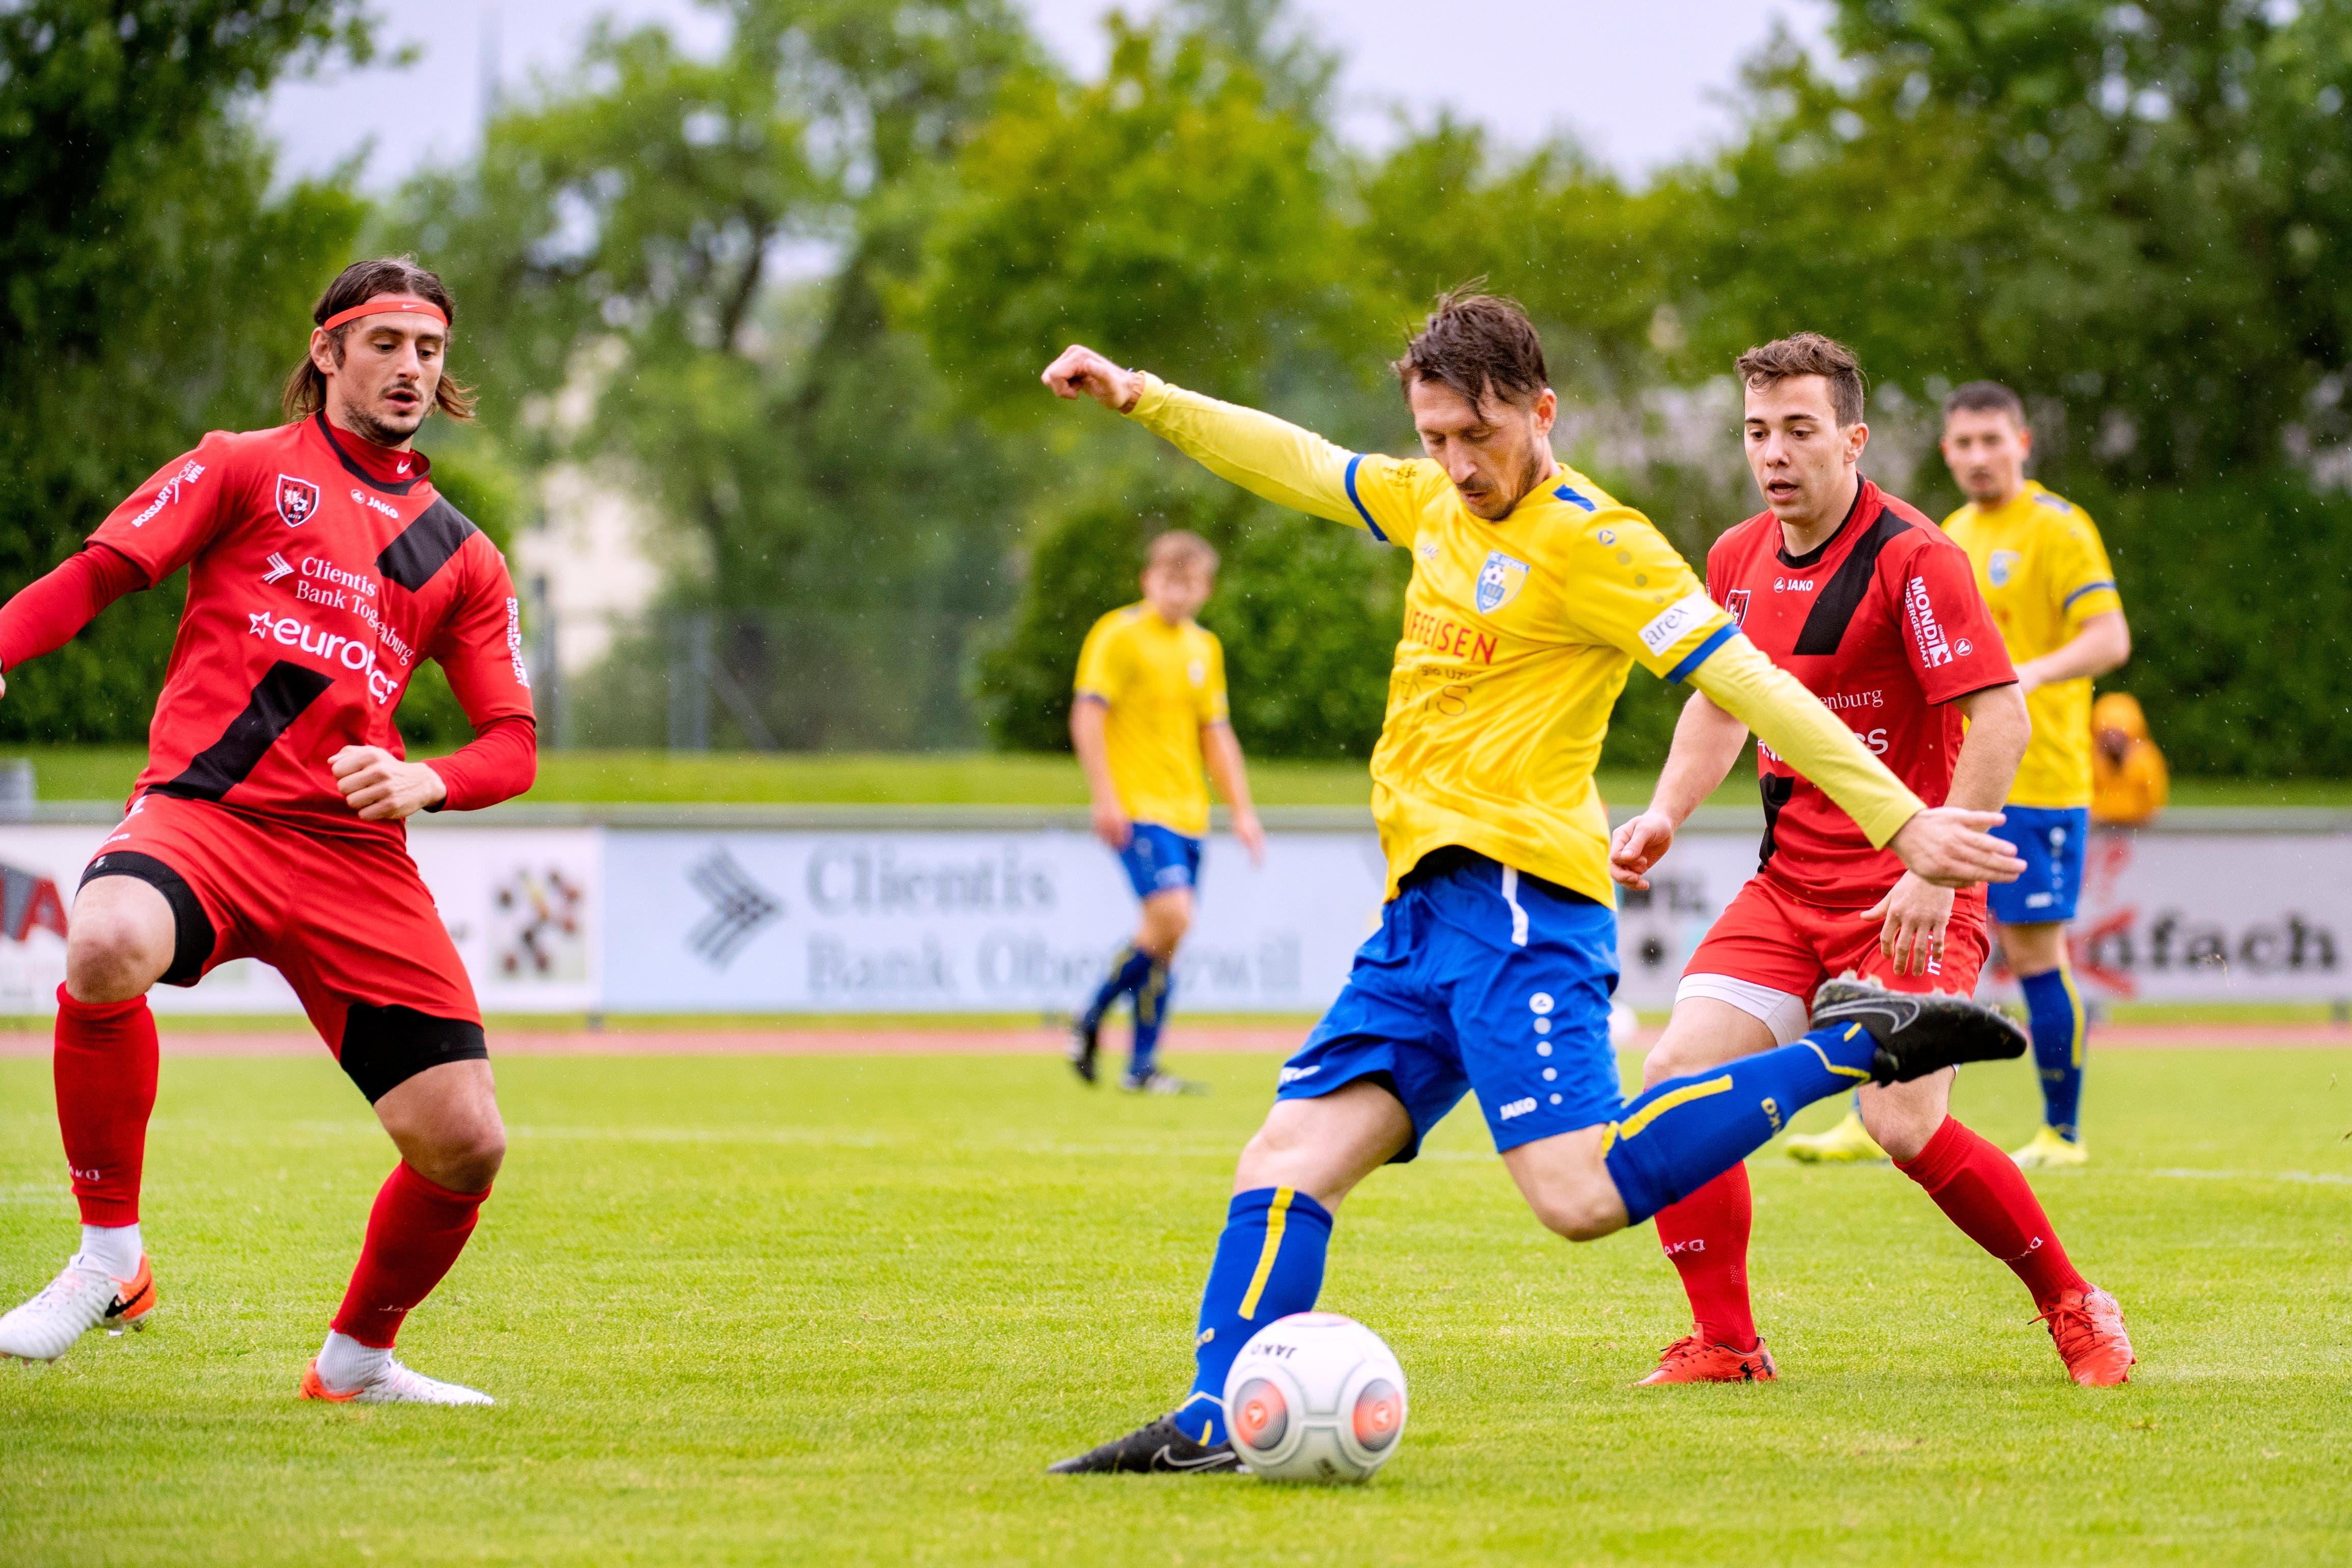 Kristian Nushi (im gelben Trikot) war mit elf Treffern Uzwils bester Torschütze der abgelaufenen Saison. (Bild: Urs Bucher/TAGBLATT)